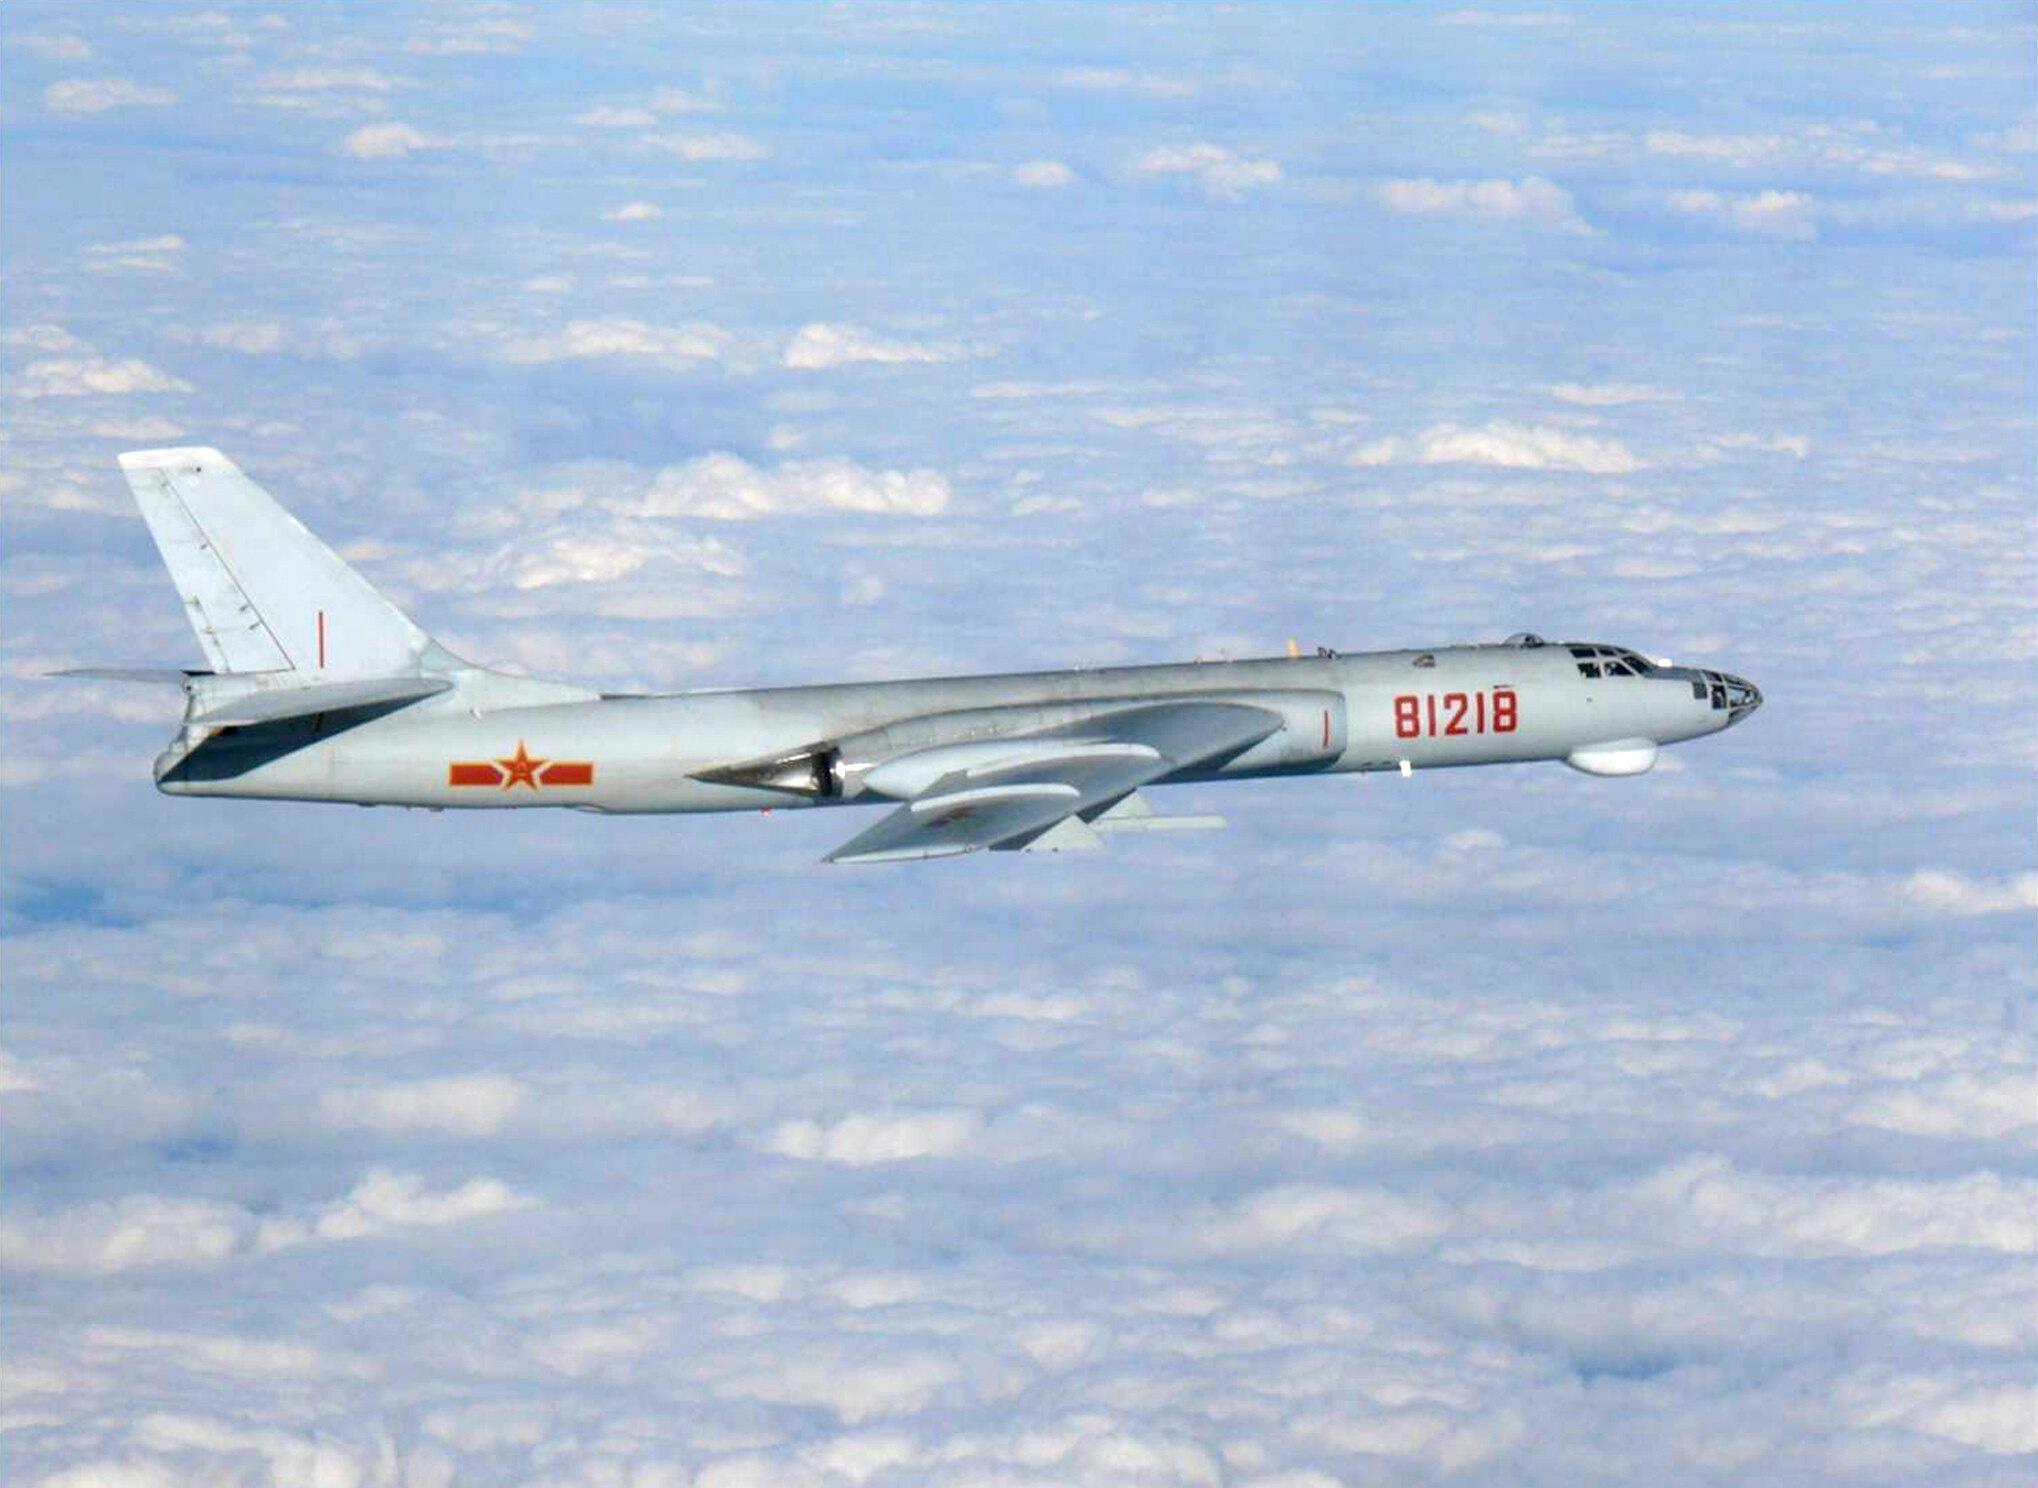 Ảnh oanh tạc cơ H6 của Trung Quốc bay ở vùng giữa đảo Okinawa và  Miyako, 26/10/2013.